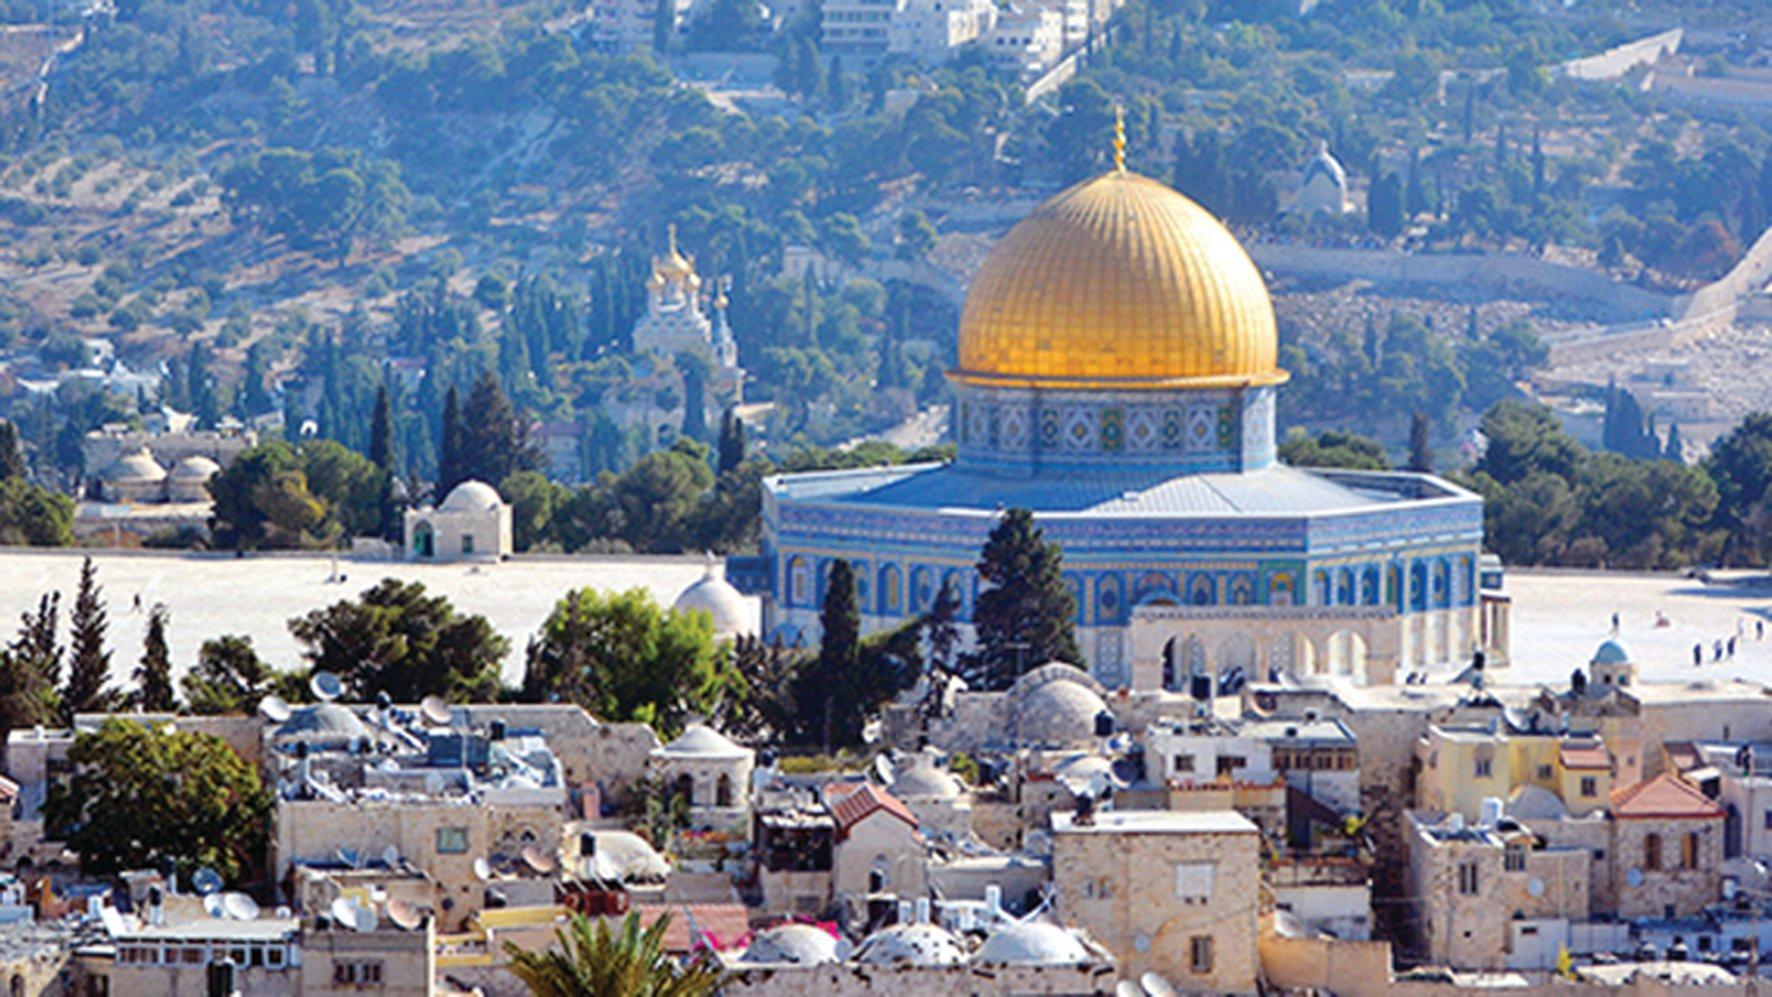 المجلس الوطني الفلسطيني: السماح لليهود بالصلاة في المسجد الأقصى عدوان مباشر على الأمتين العربية والإسلامية